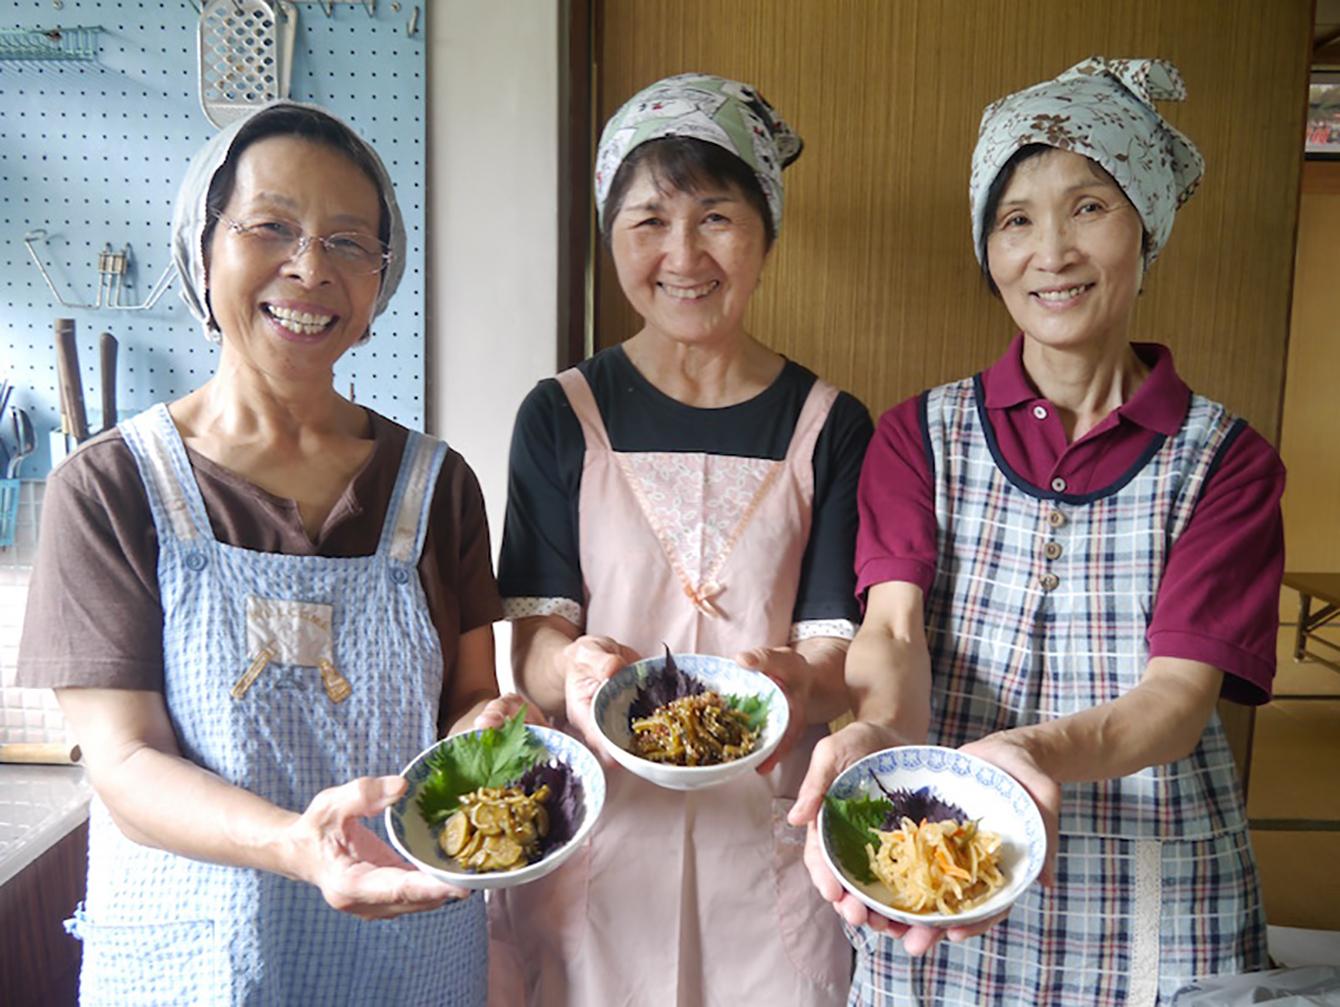 今回の案内人のお母さんとそれぞれ紹介していただいた料理。左から阿部節子さんときゅうりの佃煮、田中充代さんとゴーヤの佃煮、古庫久代さんと切干大根のハリハリ漬け。 (写真提供:株式会社フードハブ・プロジェクト)